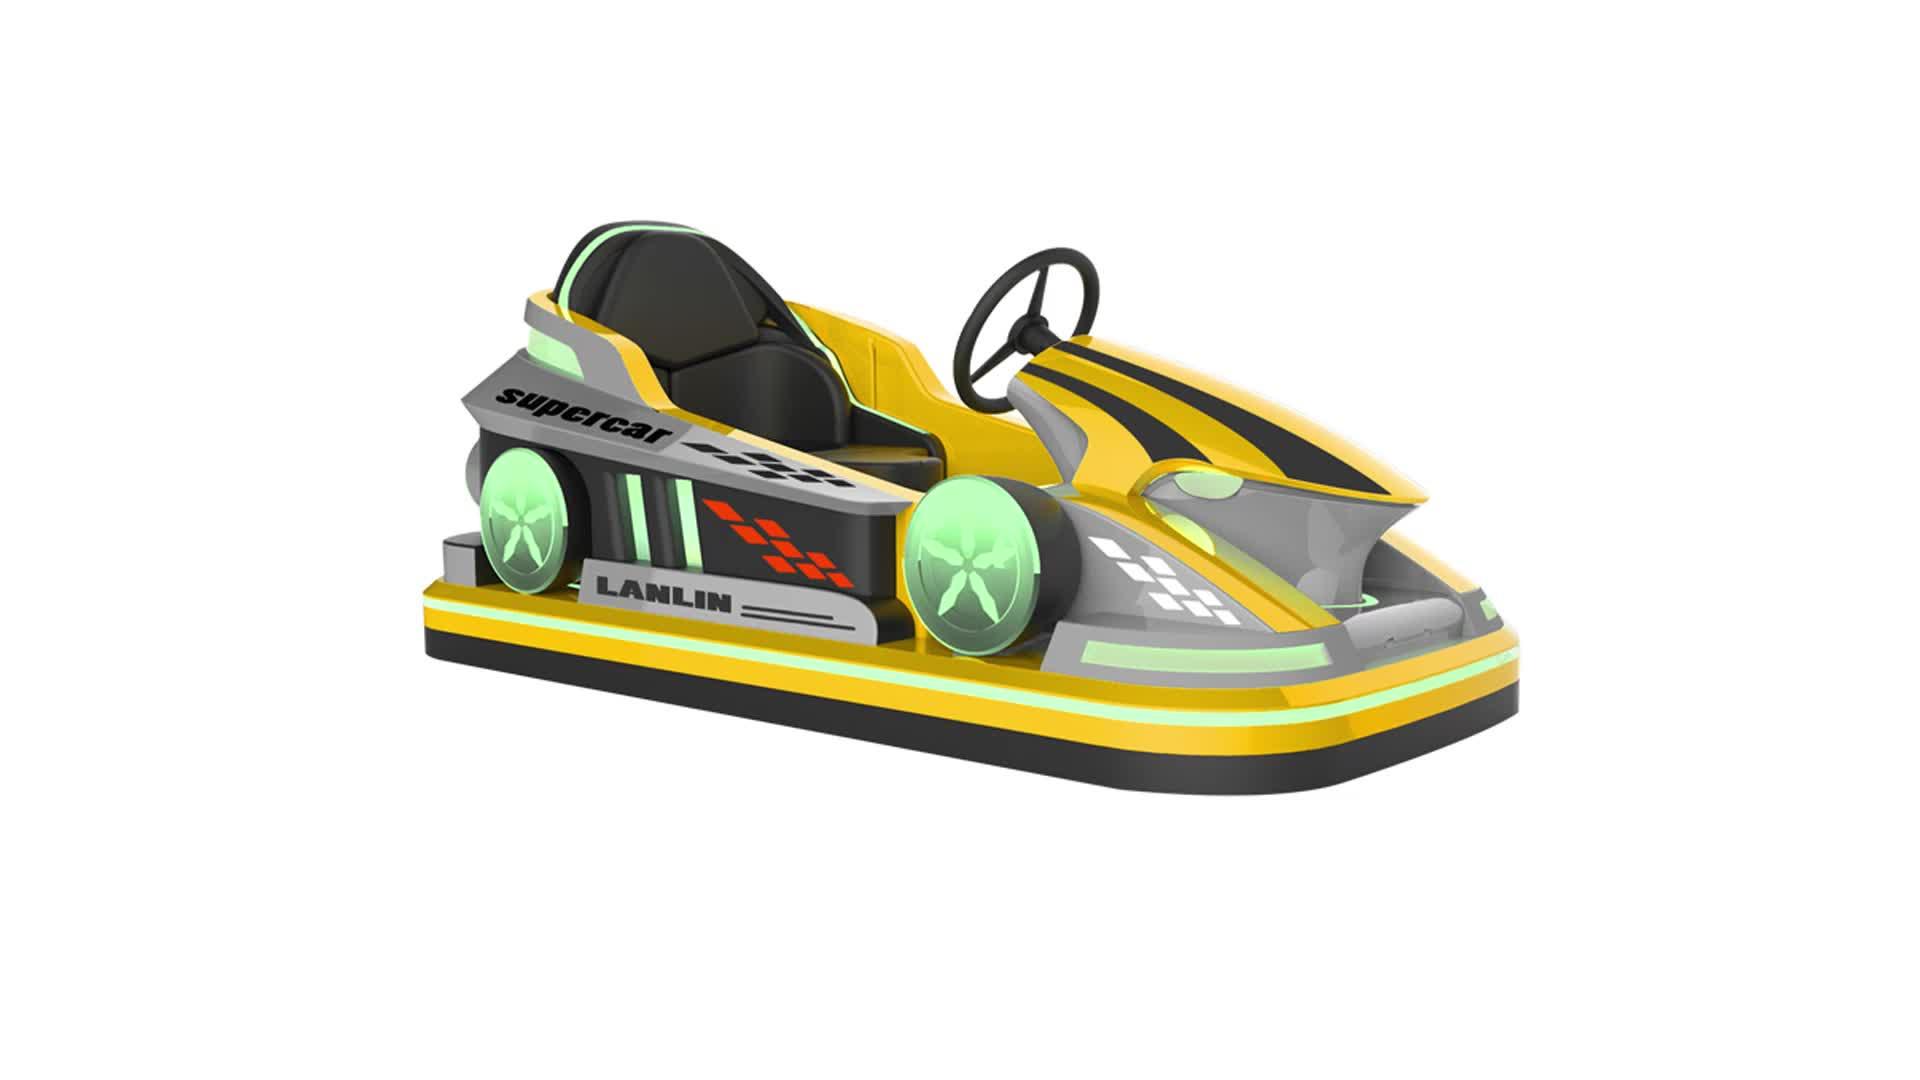 Parque de diversões mini dodgem carro pára-choques criança bateria amortecedor carro para venda